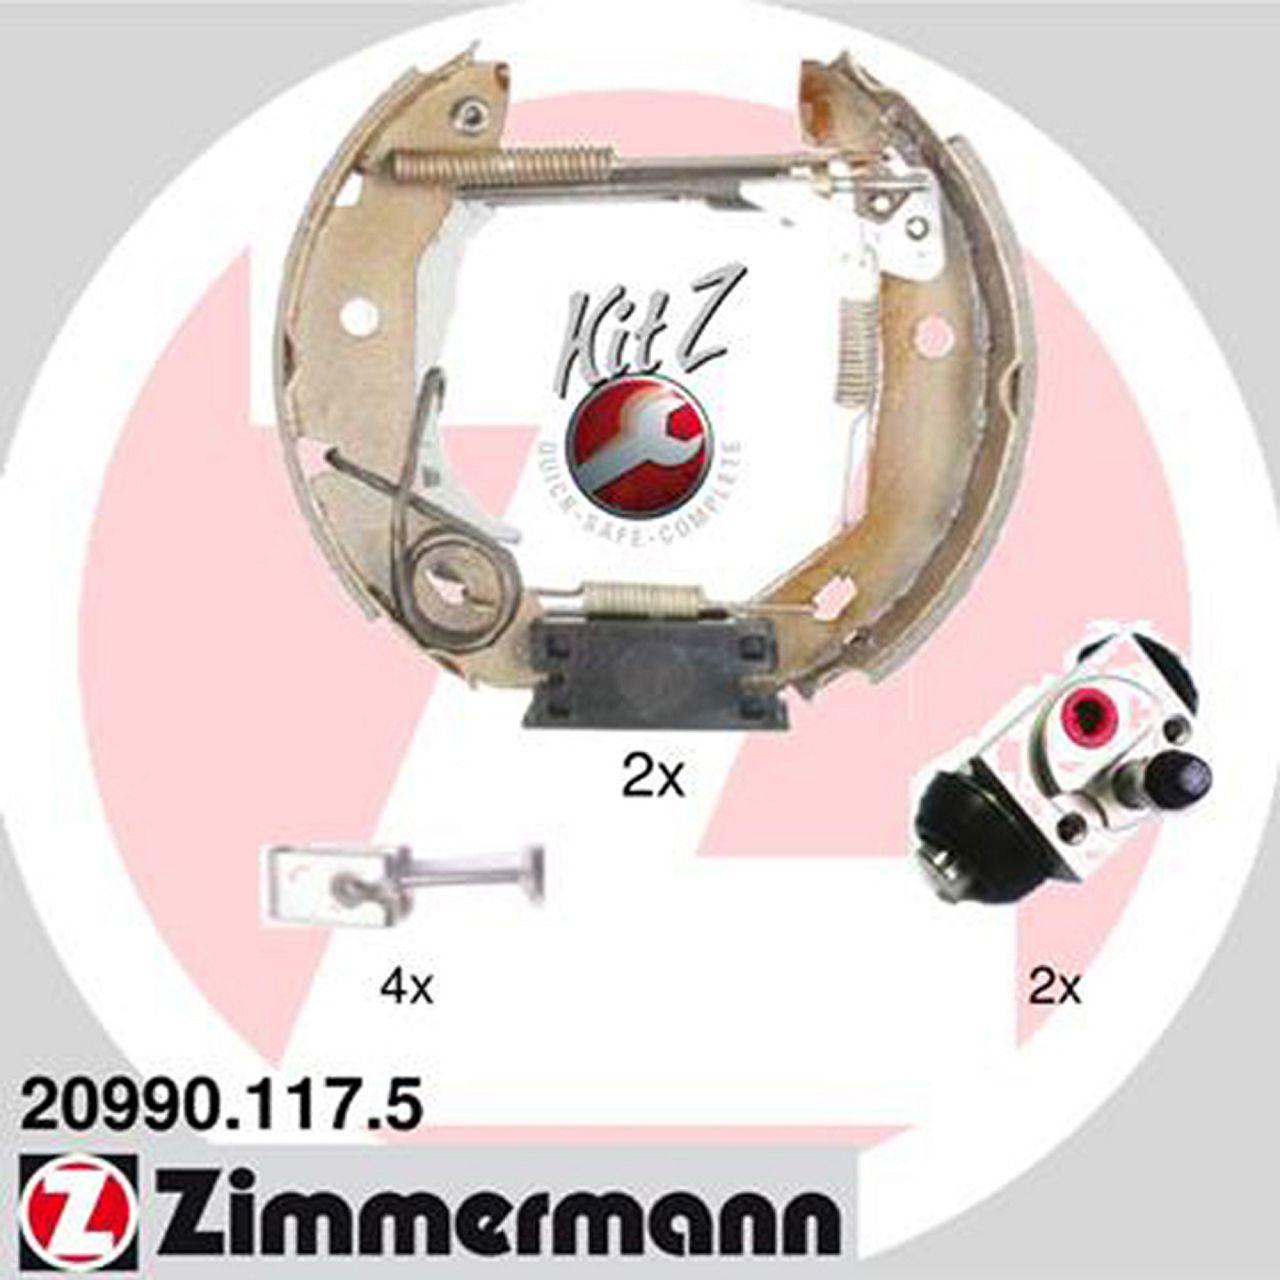 ZIMMERMANN Bremsbacken + Radbremszylinder für Mercedes W168 ab 08.1998 ab Fgst